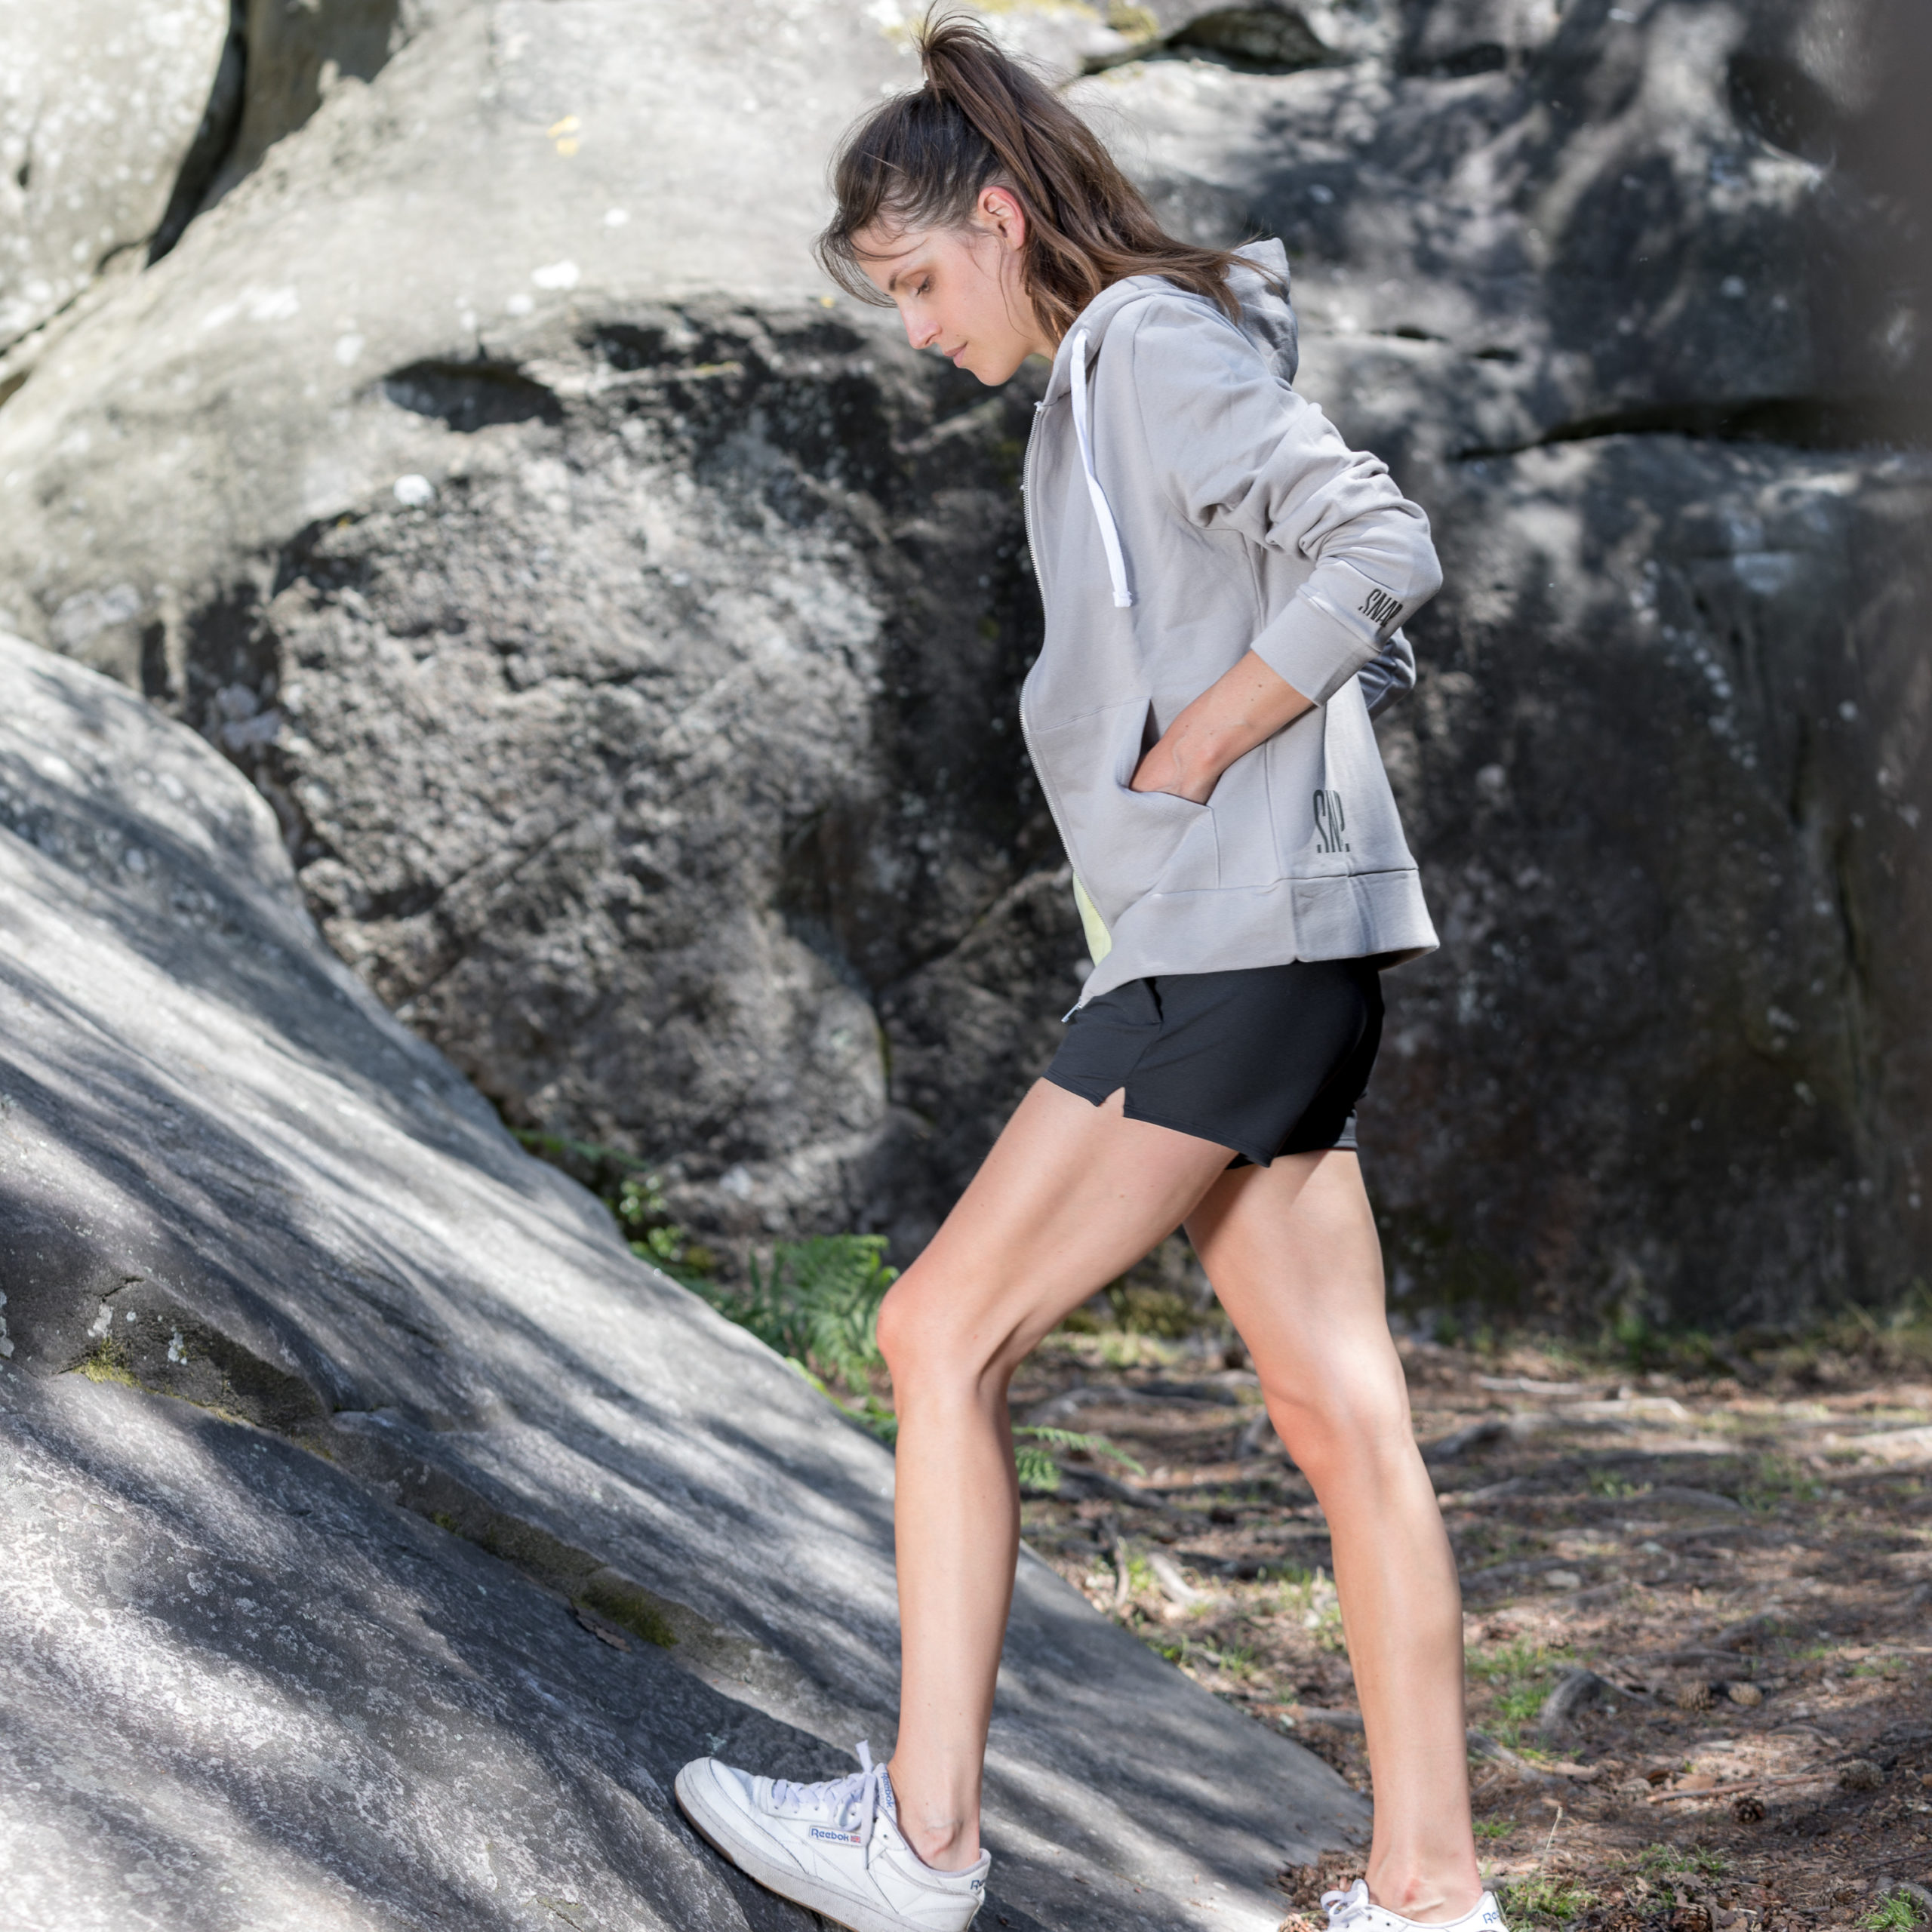 black wave shorts woman snap climbing